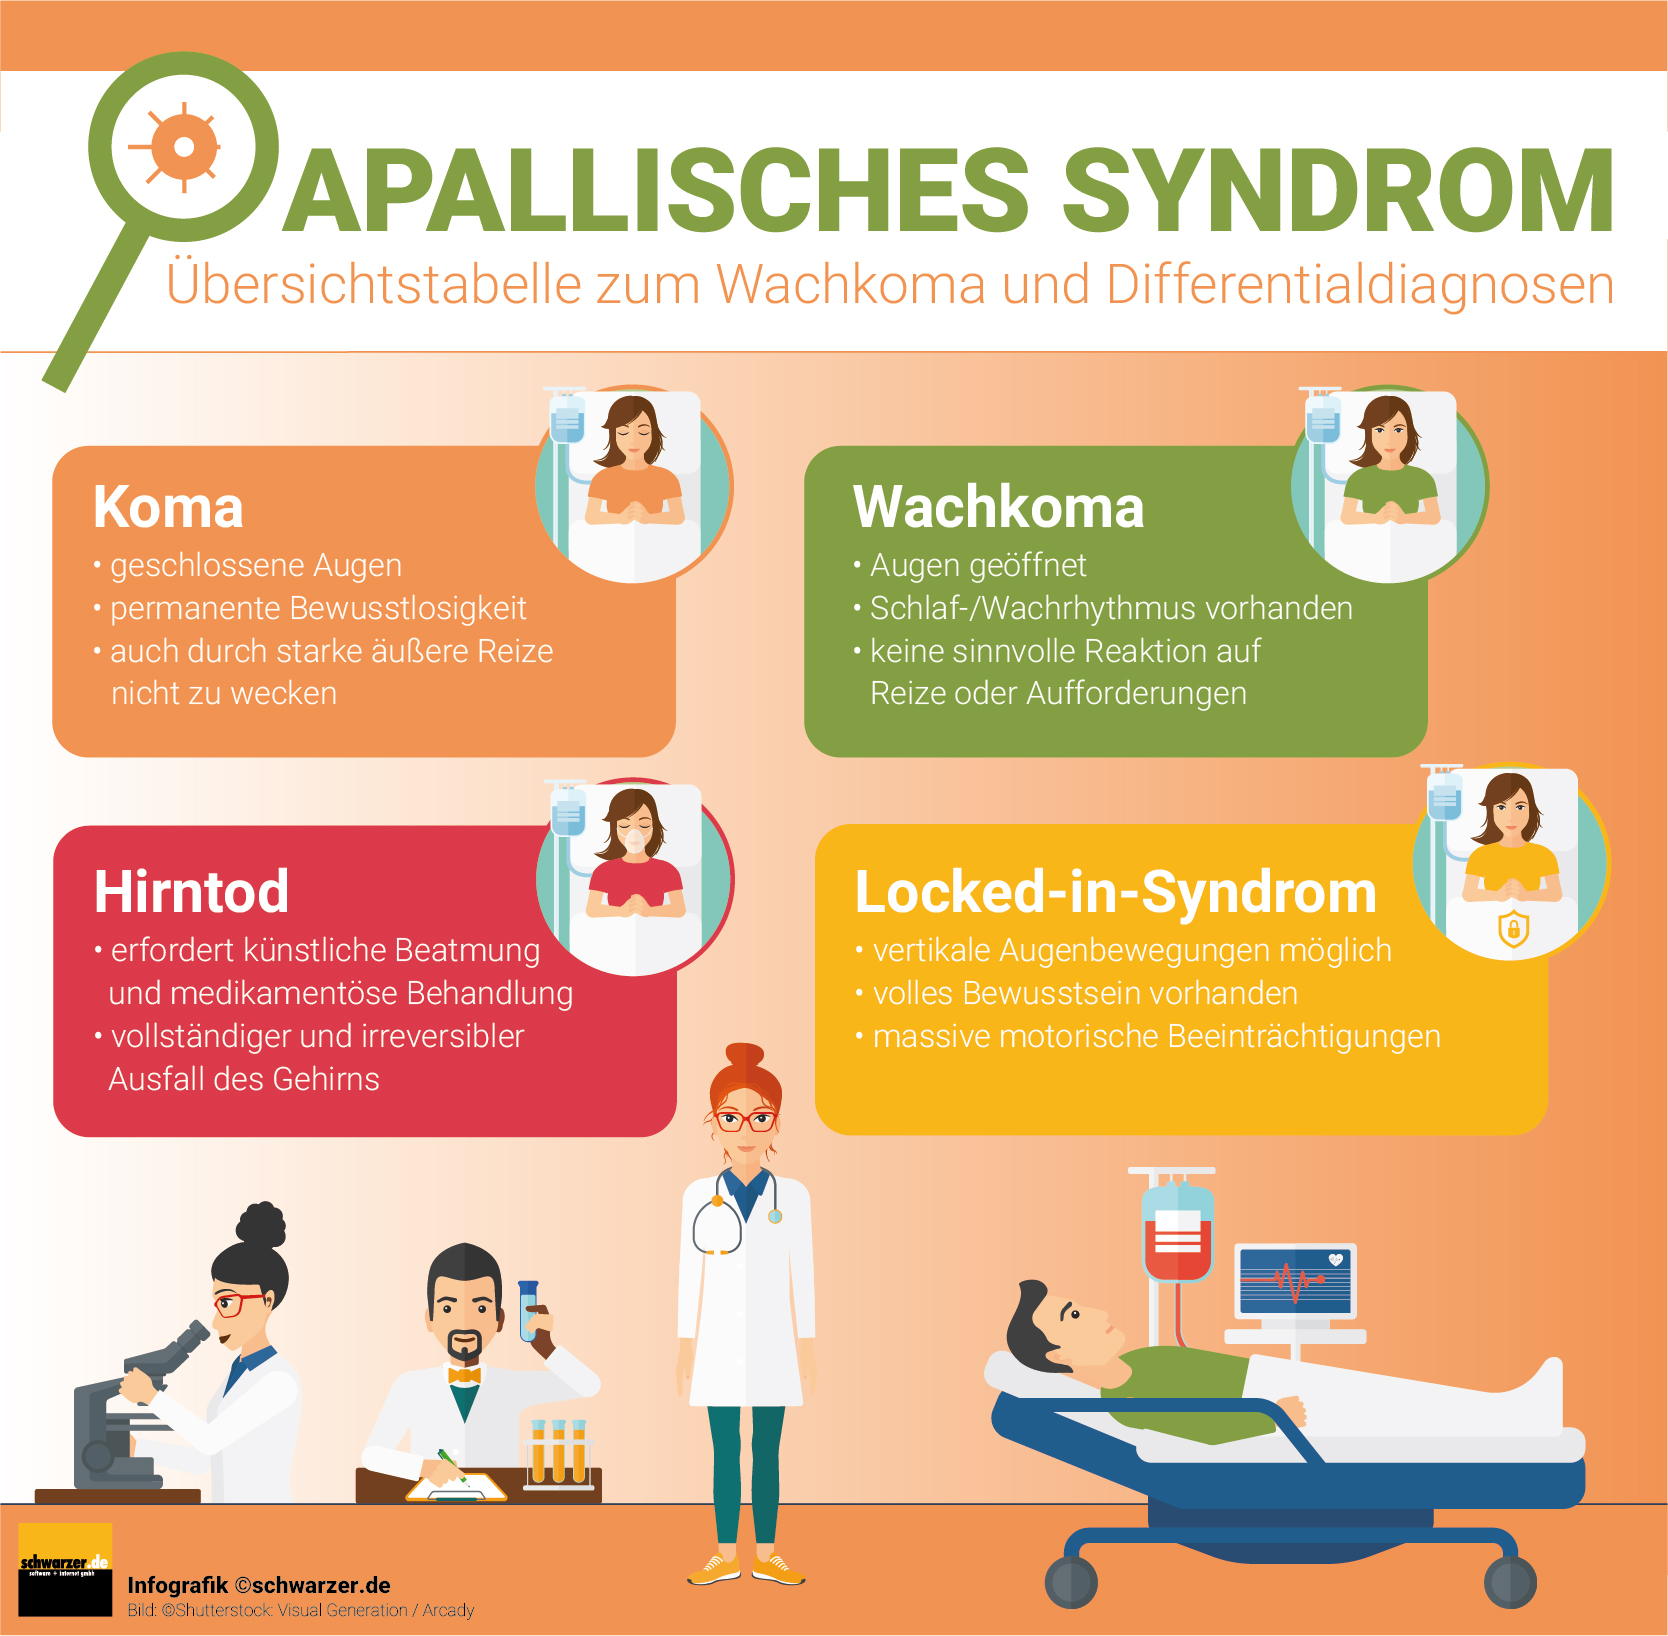 Infografik: Übersichtstabelle zum Apallischen Syndrom, Wachkoma und mögliche Differentialdiagnosen.